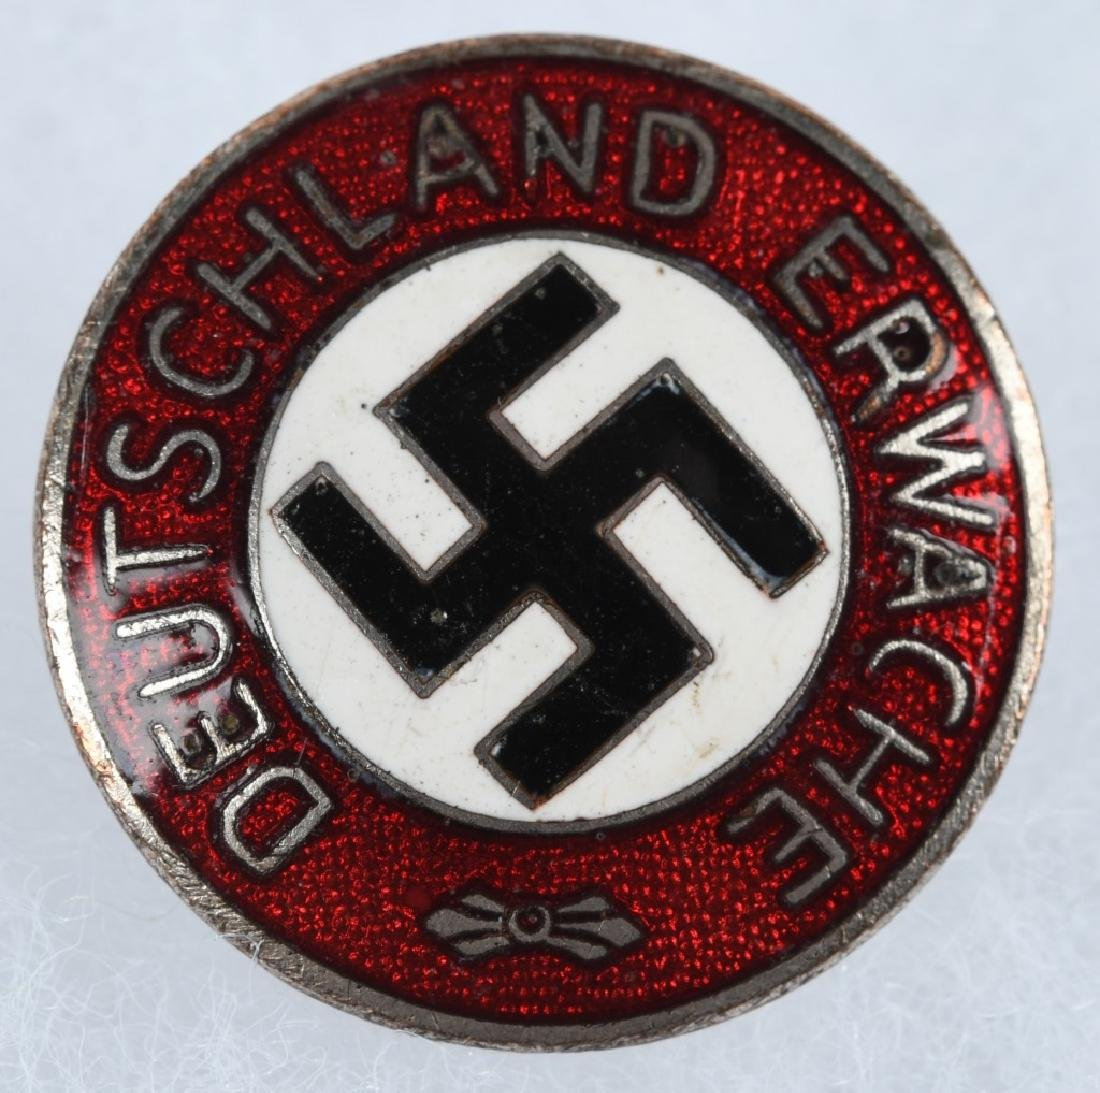 WWII NAZI GERMAN DEUTSCHLAND ERWACHE PARTY PIN